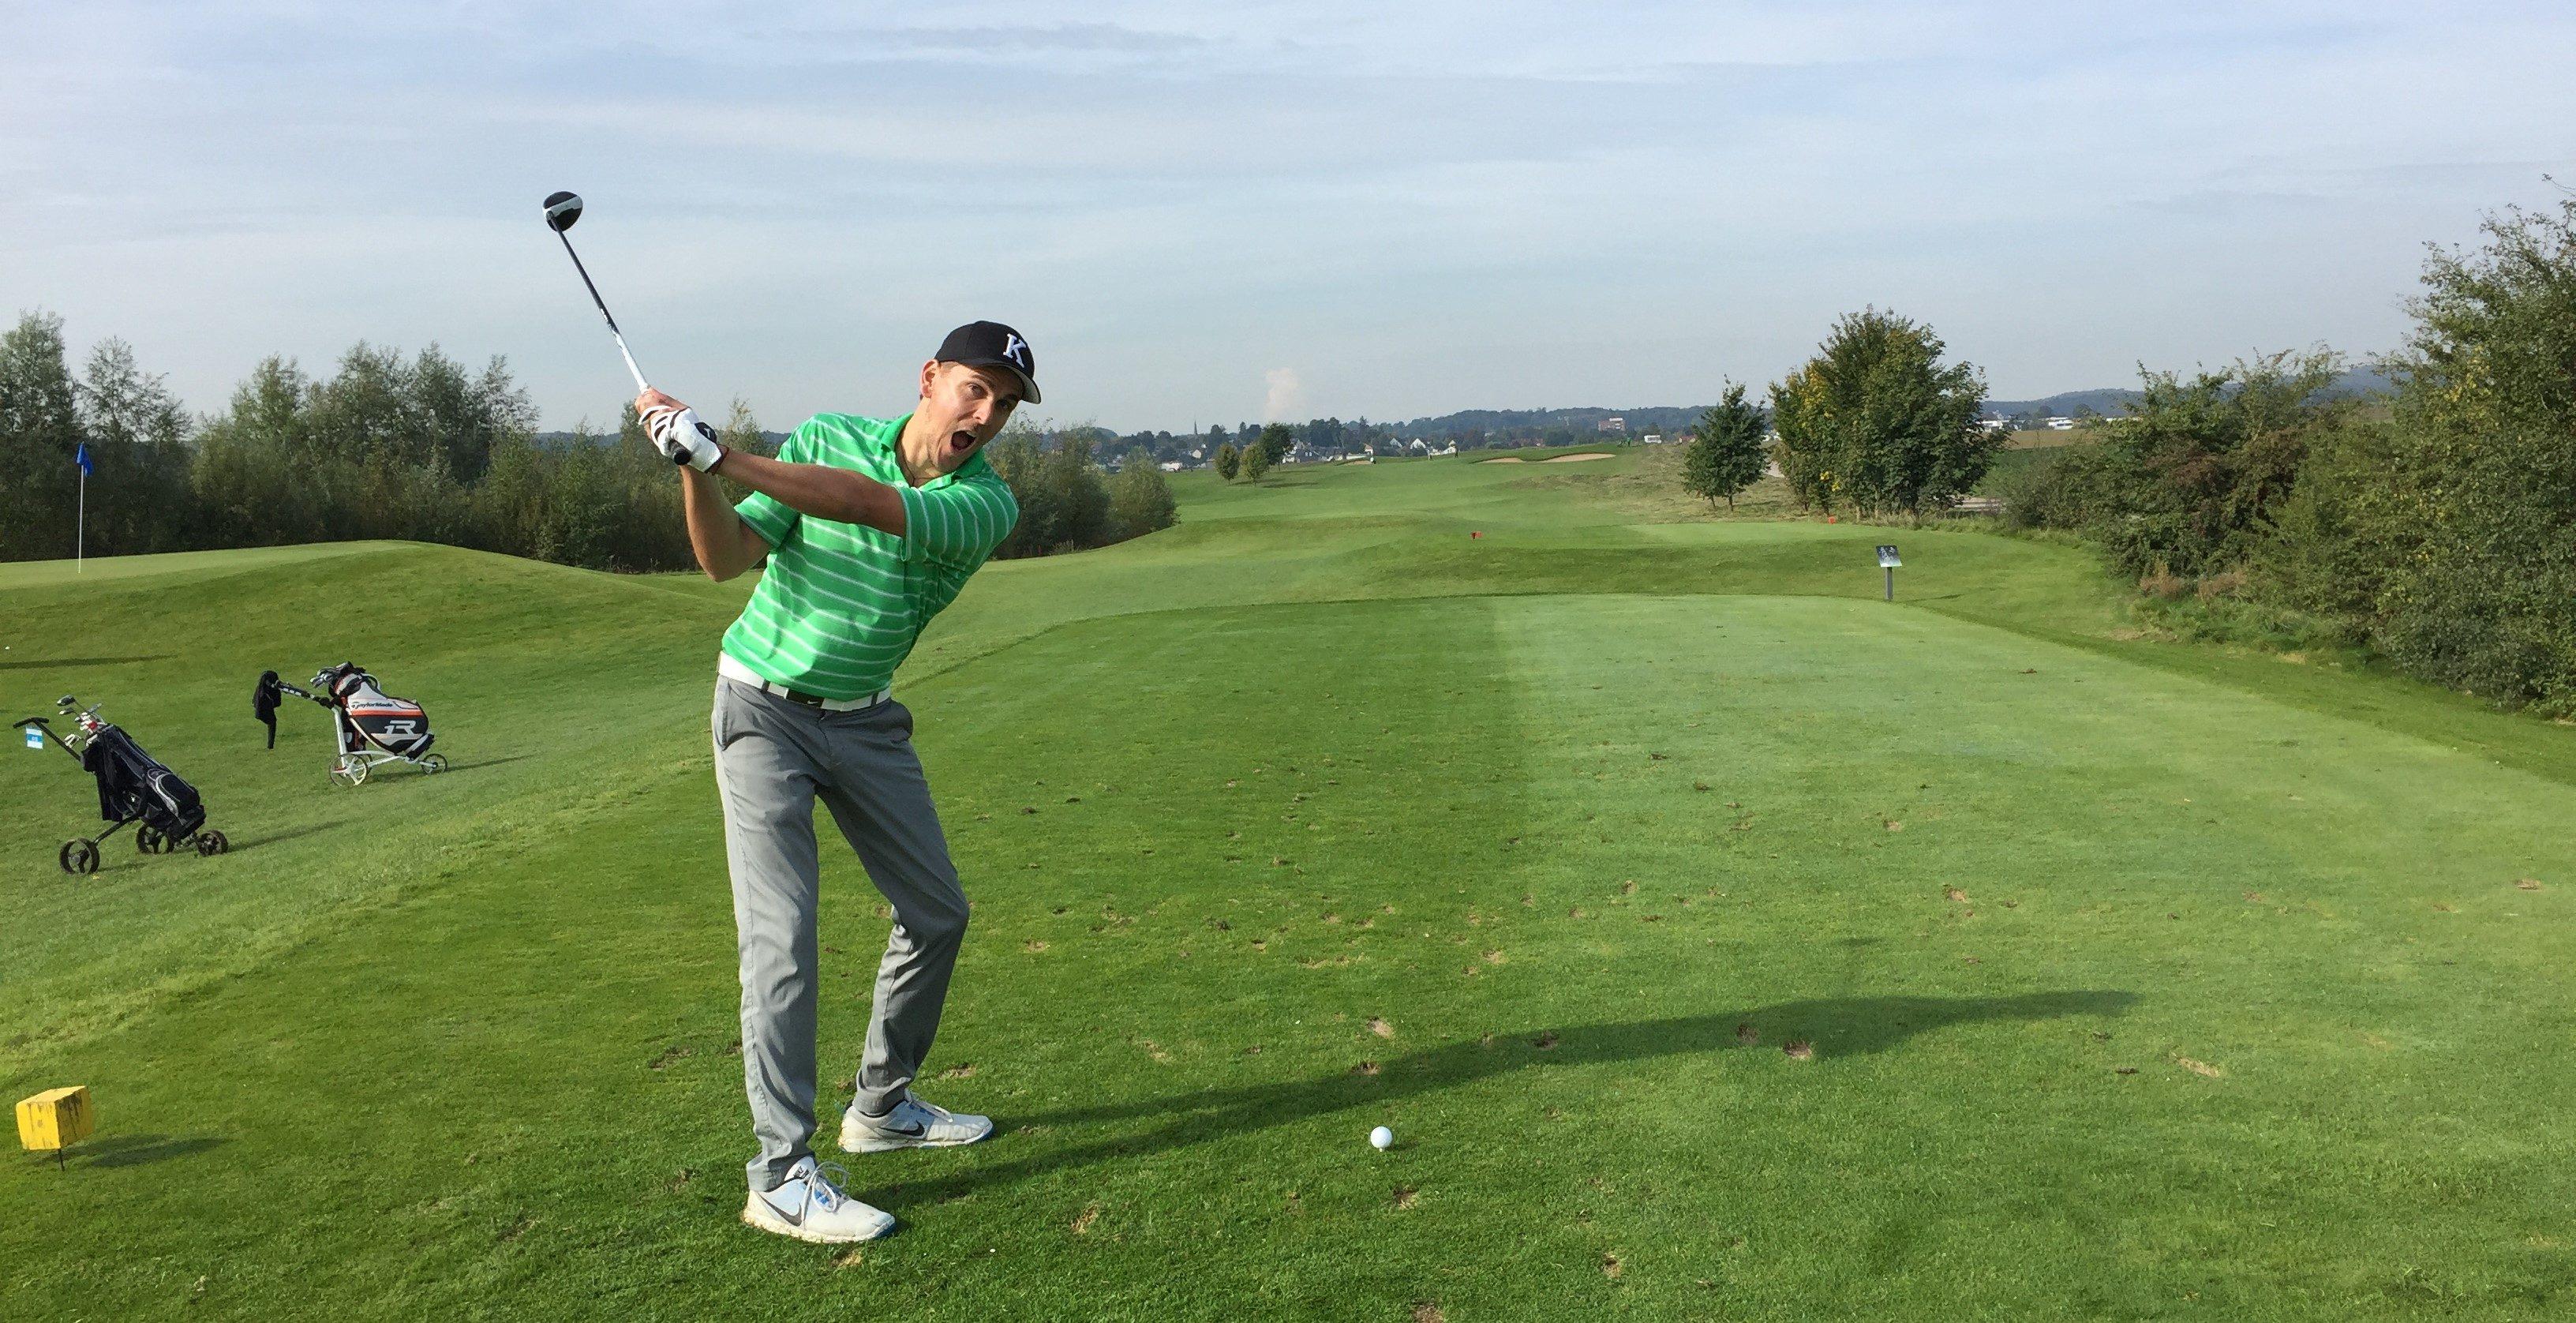 OS.GolfCUP 2018 ⛳ Das Golfturnier für digitalisierte Longhitter – 23. August Köln/Pulheim